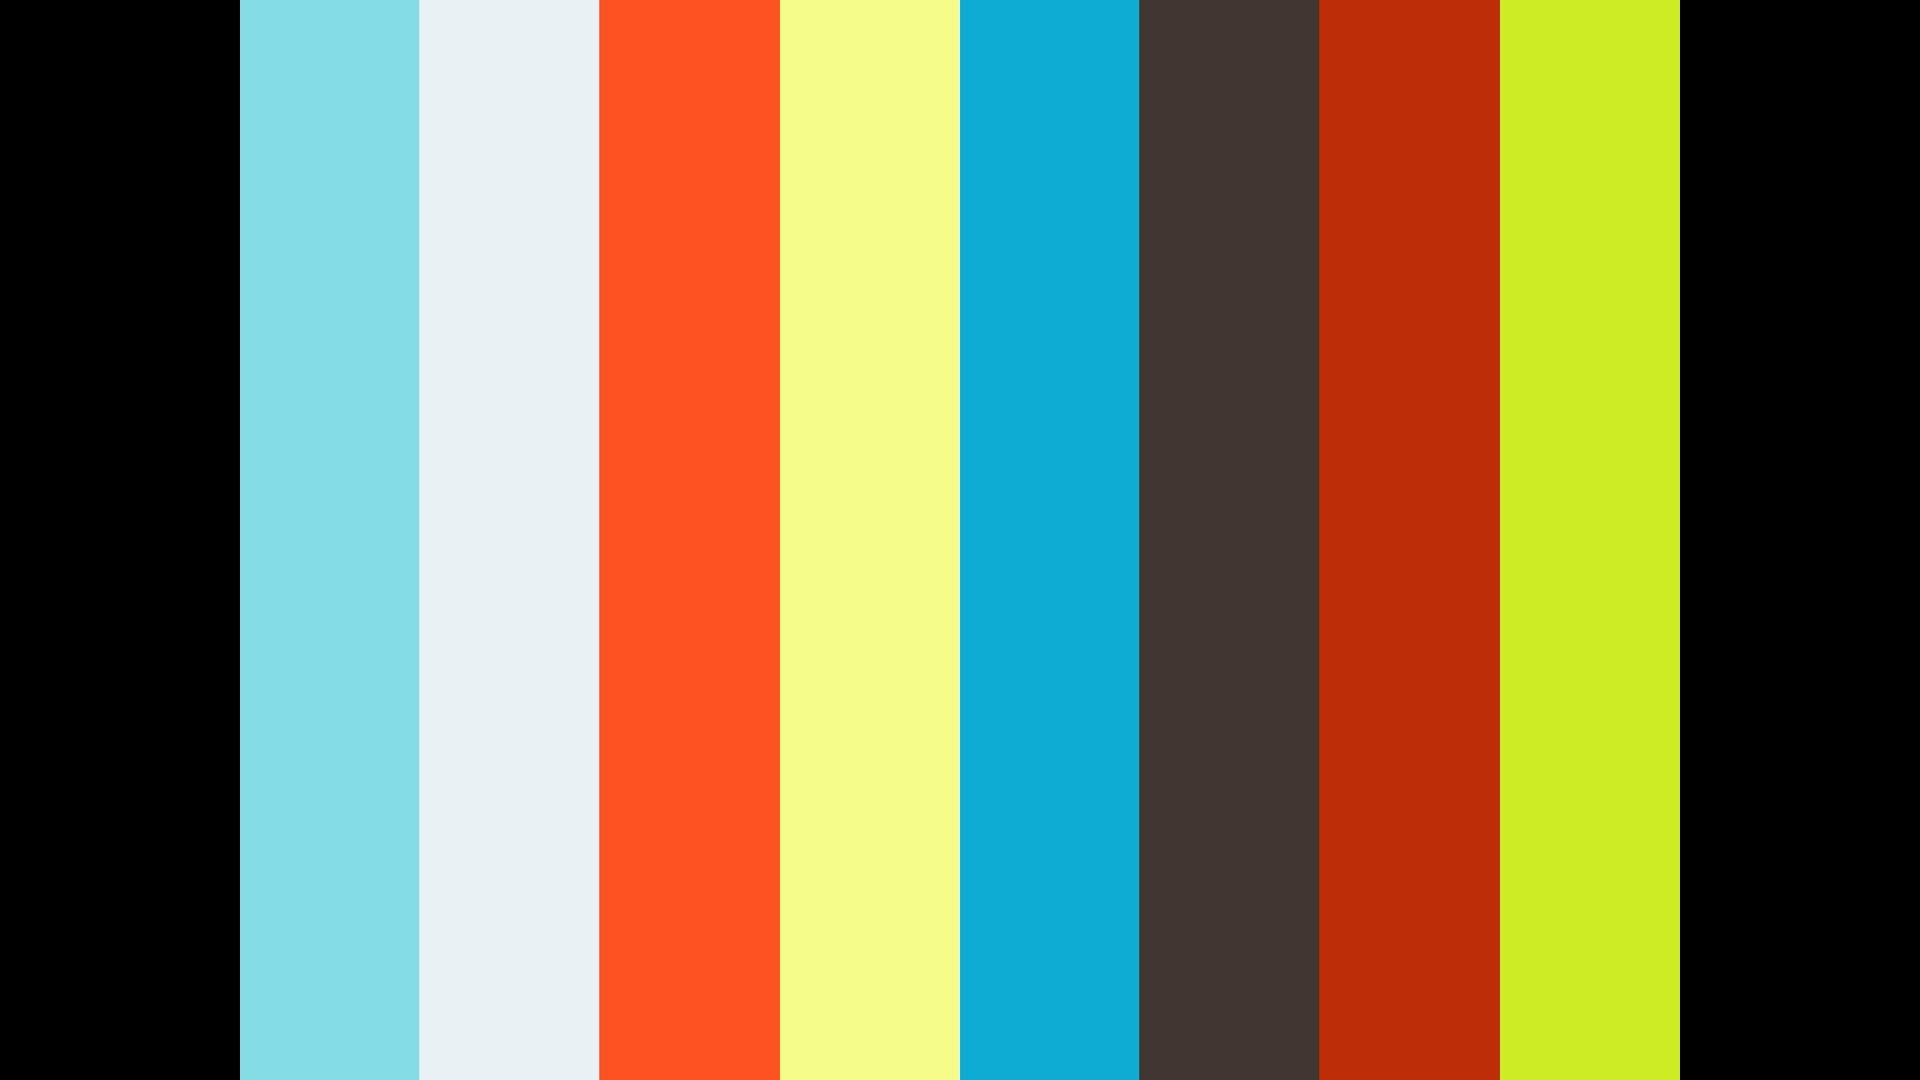 Slider. Dark theme. 1080x1080